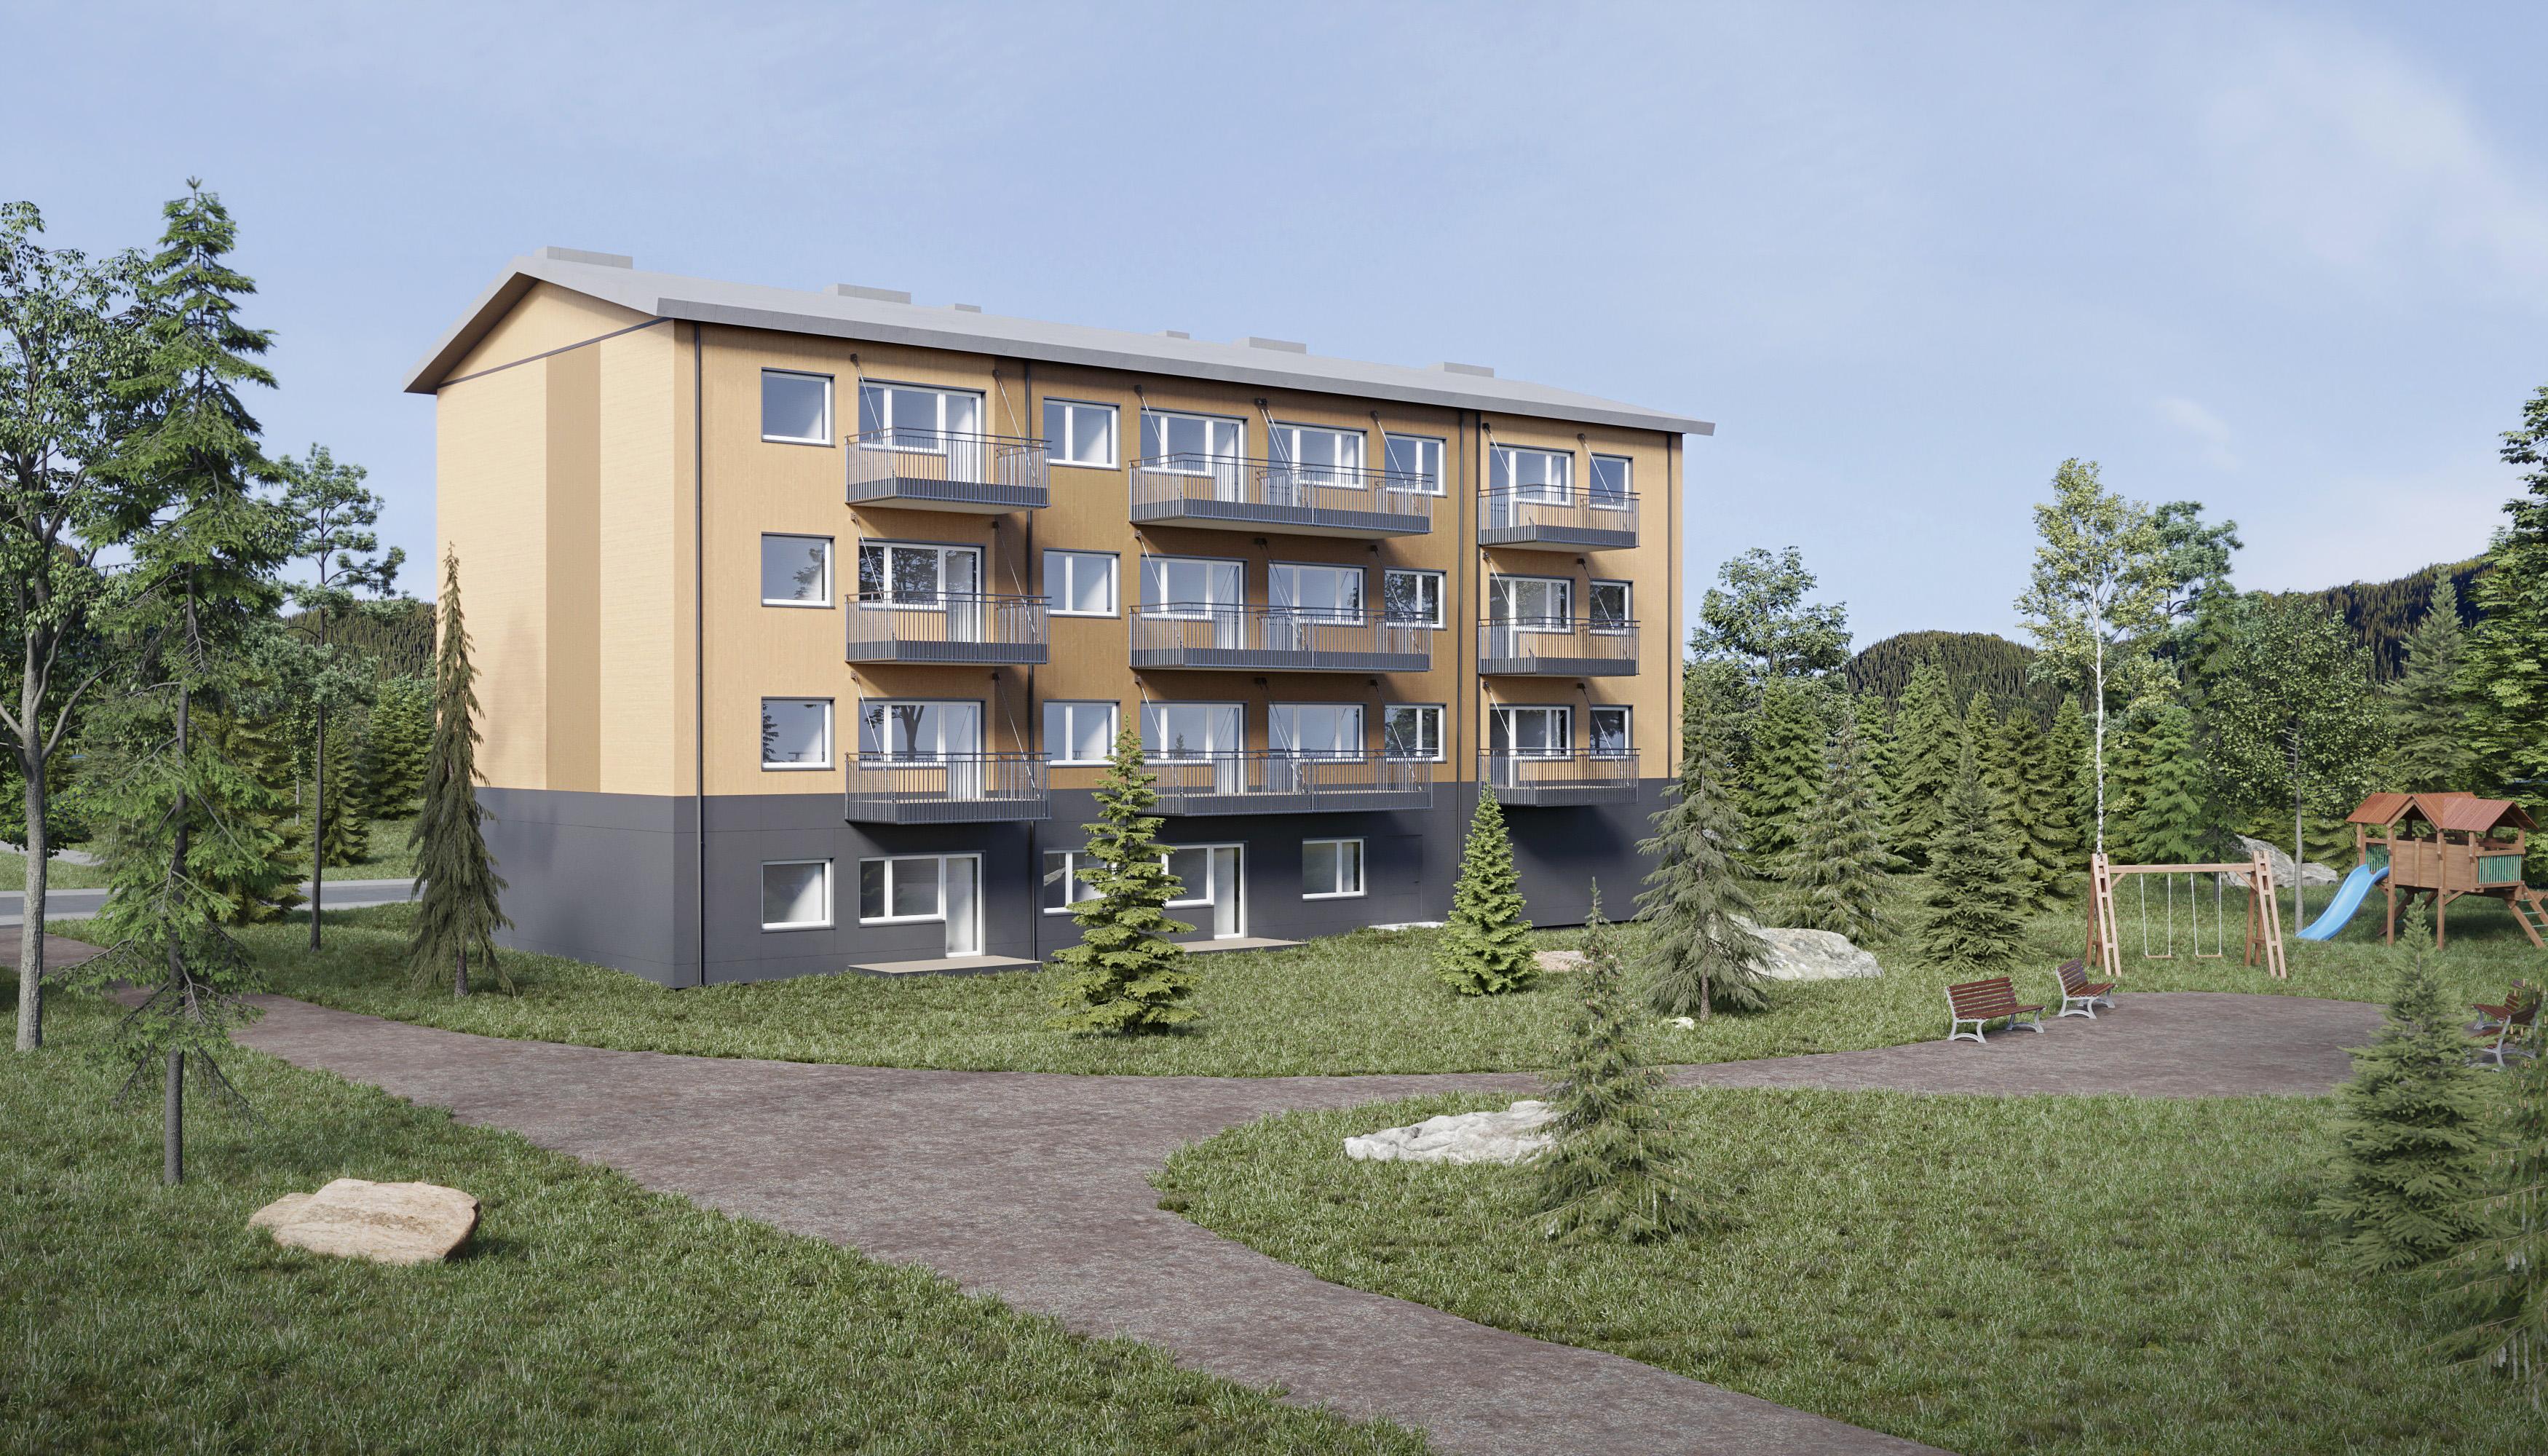 Unihouse w szwedzkim programie mieszkaniowym